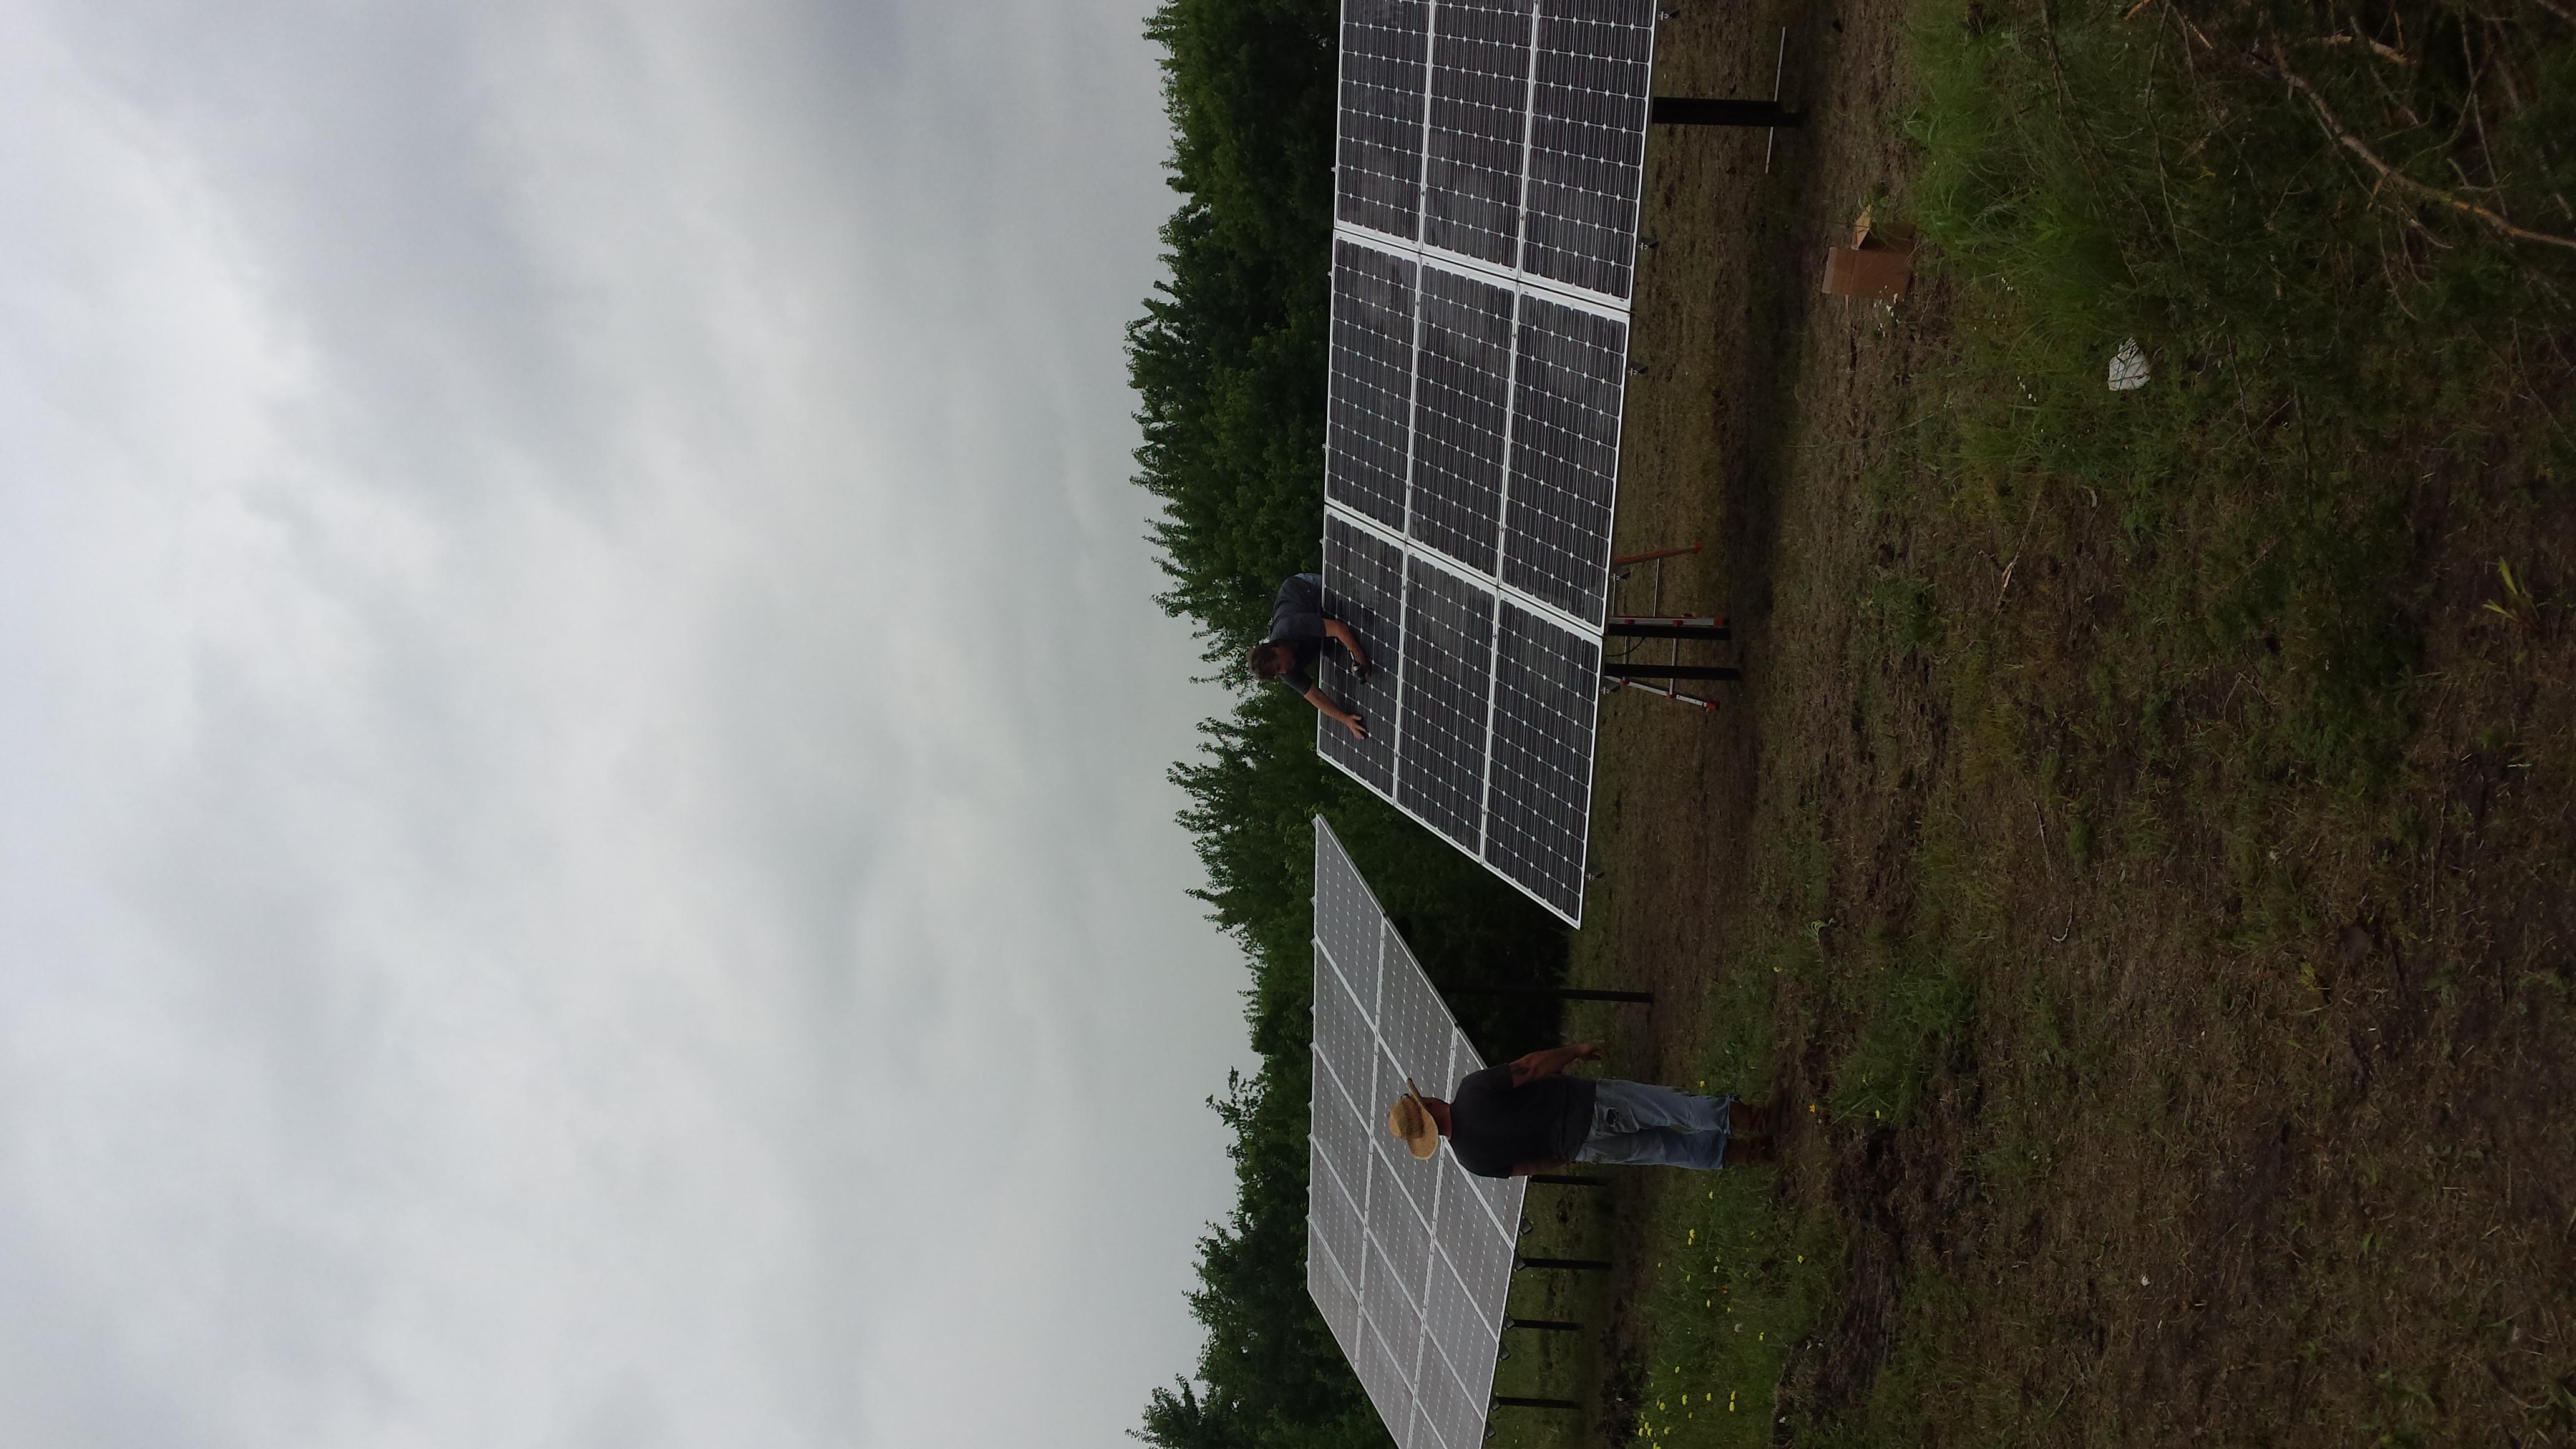 7kW off-grid system, Celeste, TX